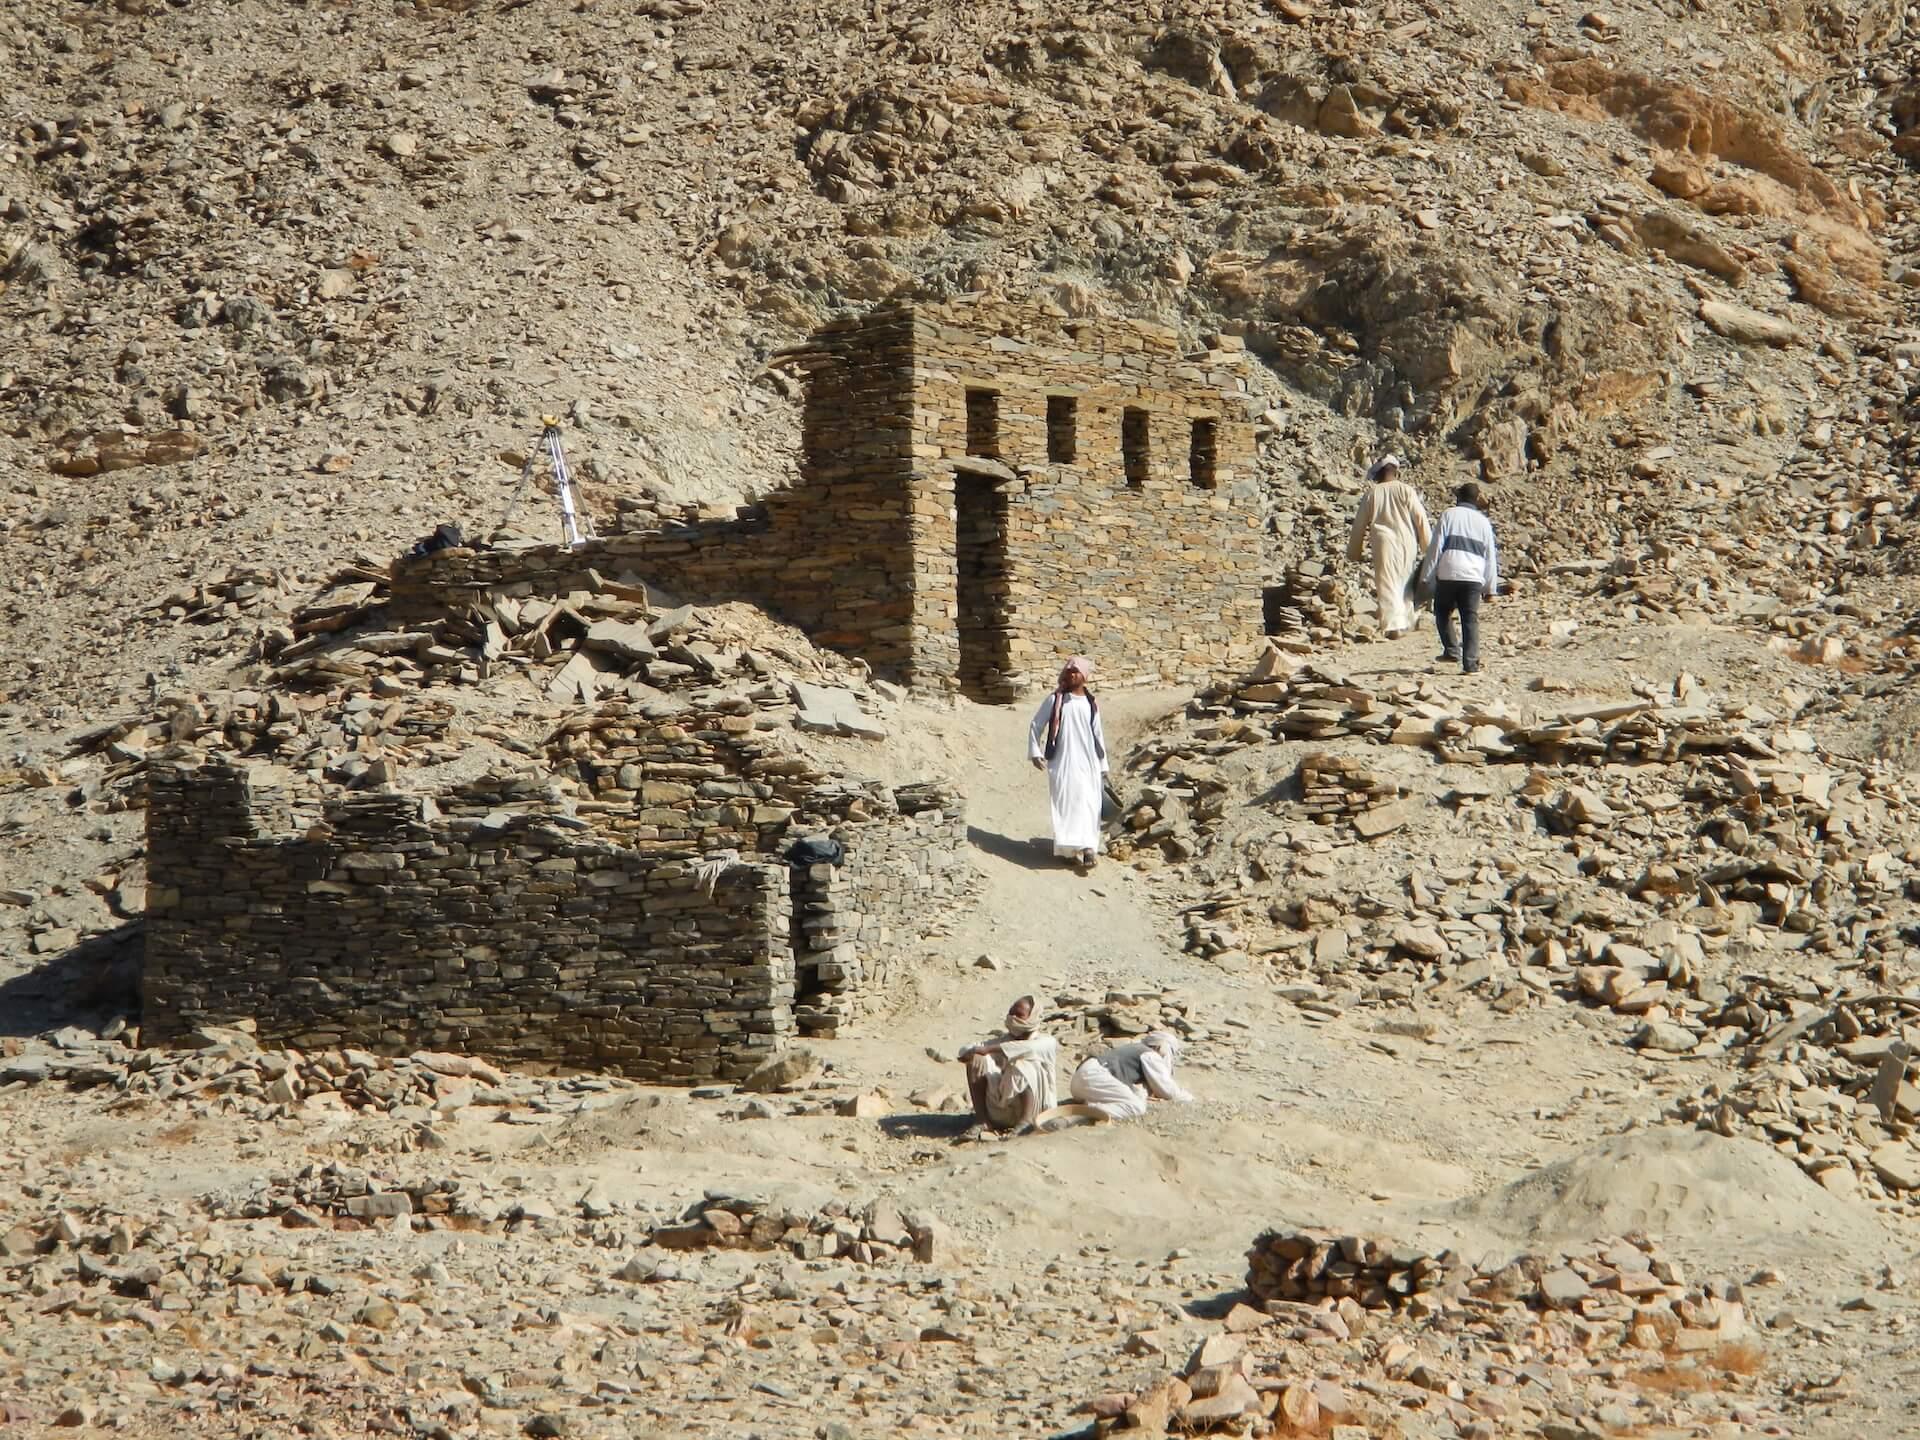 minas de esmeraldas en el Alto Egipto Sikait Project